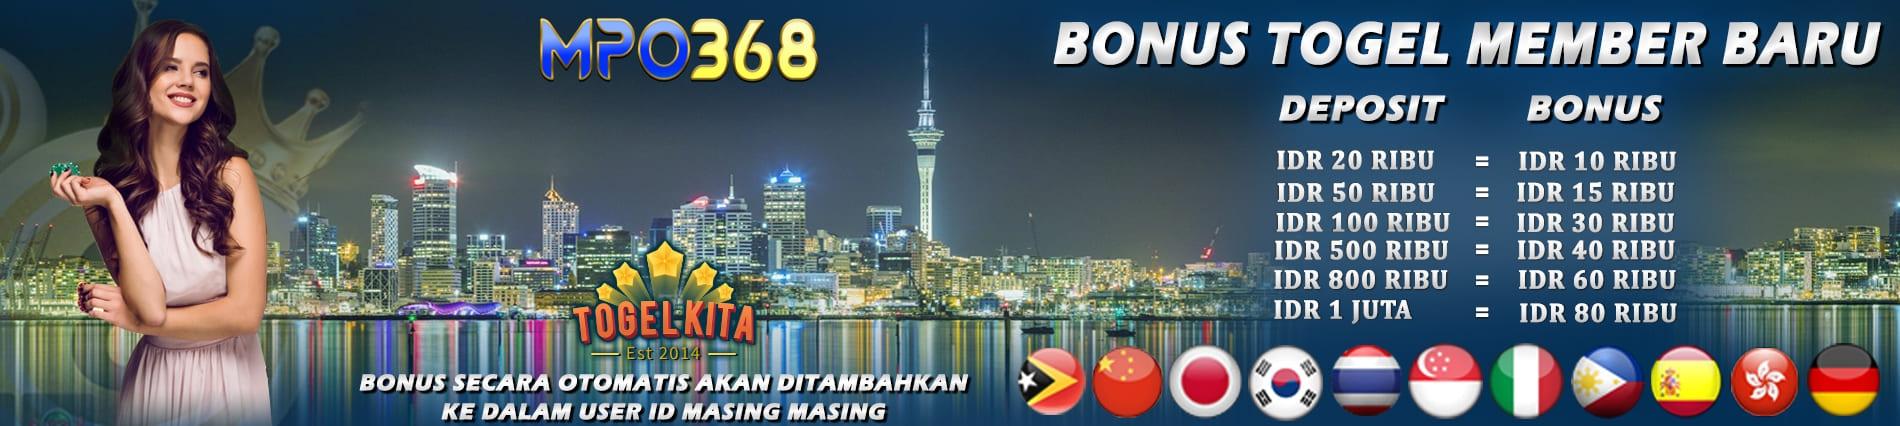 Situs Judi Mpo368 (@mpo368) Cover Image